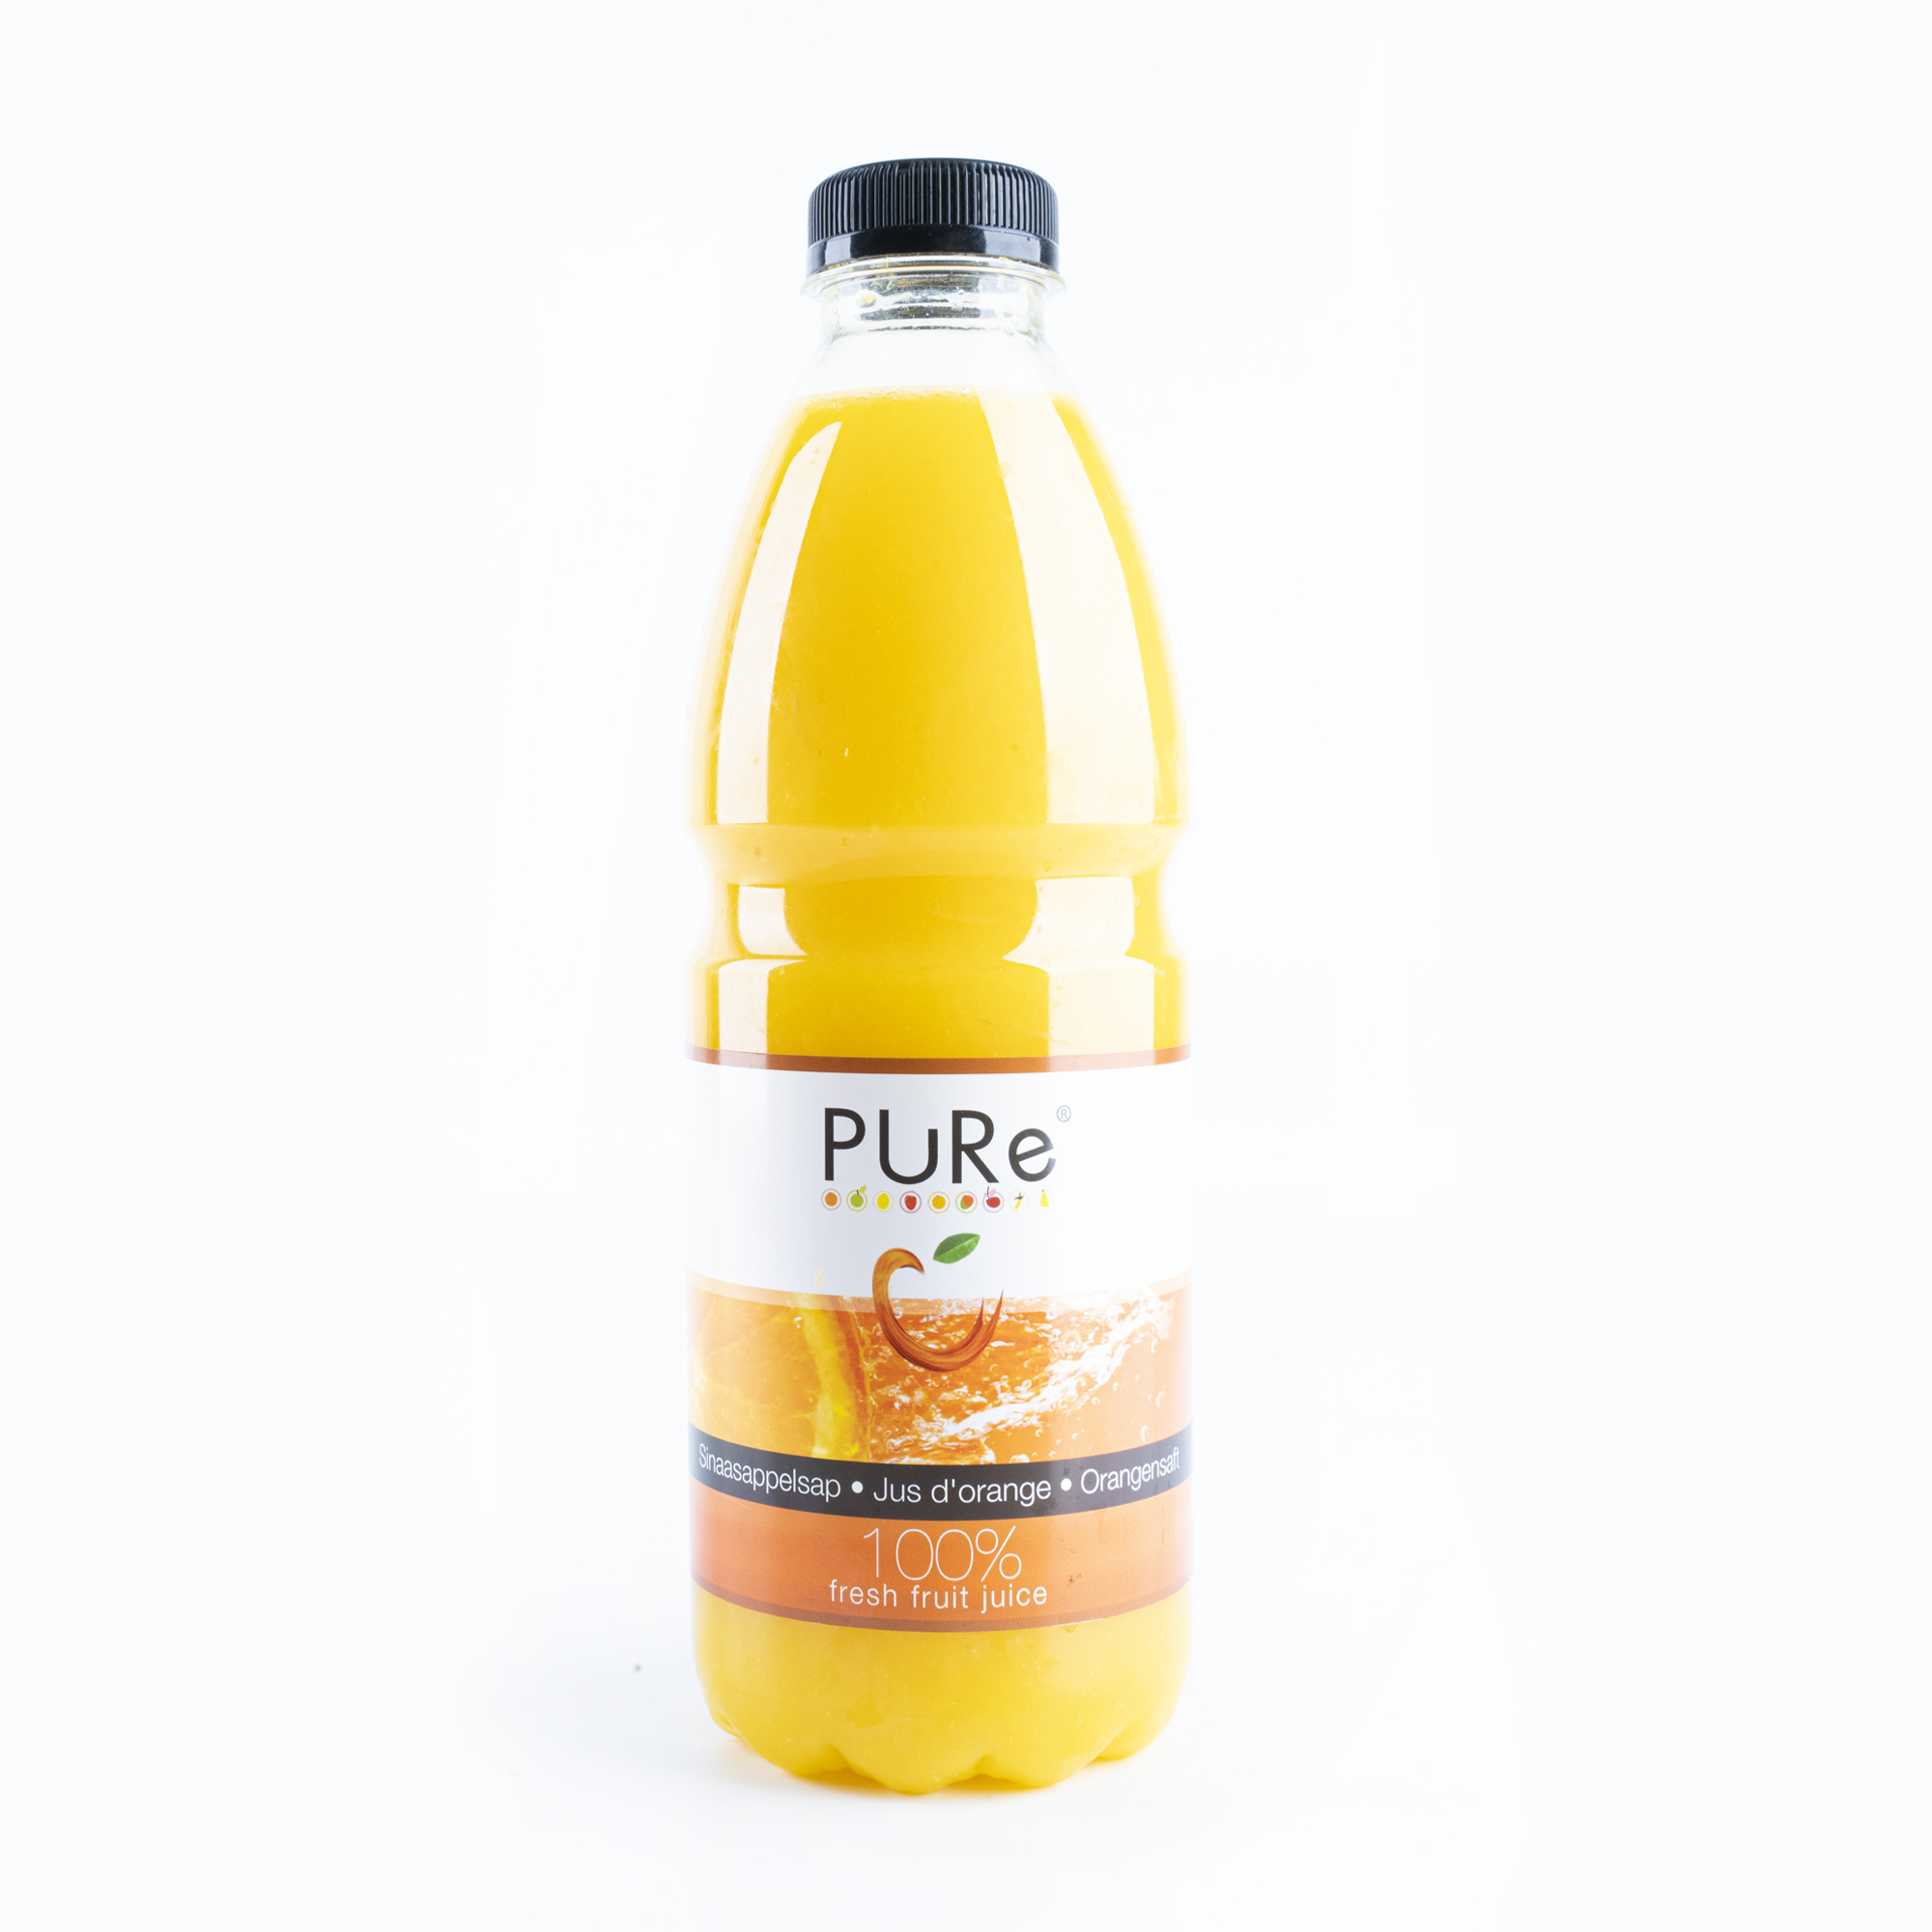 The Juicy Group - Pure - Sap van sinaasappel - Pure HPP 1L.